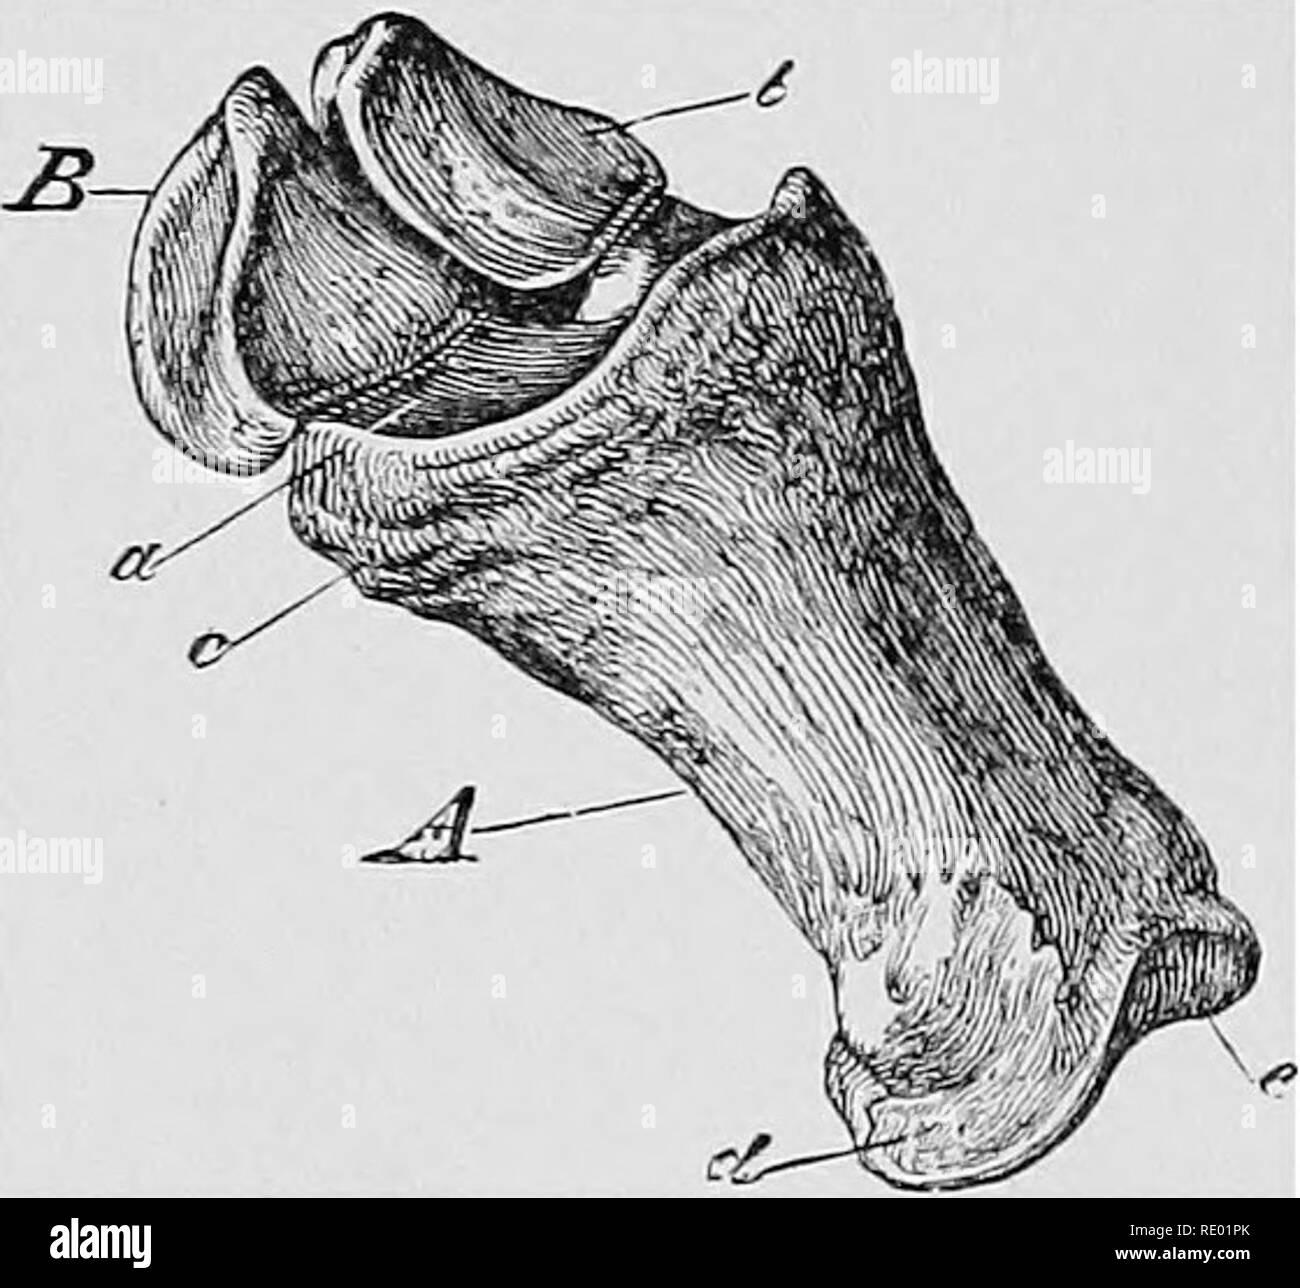 . Ein text-Buch von horseshoeing für horseshoers und Tierärzte. Horseshoeing. 24 HORSESHOEING. Abb. 4.. Os suffraginis mth sowohl sesamoid Knochen in Position, wie in Kg. 3. A, os suffraginis; B, pyramidal in Form, und, Lügen gegen den hinteren Teil der Kondylen der Kanone, Knochen, der gelenkflächen am oberen Ende der langen vordermittelfuß erhöhen. Die kurzen Vordermittelfuß (zweite Phalanx) (Abbn. 5 und 6) liegt unter der ersten Phalanx und oberhalb der os Pedis; es ist Etwas - was kubische Form. Das obere Gelenk Oberfläche (Abb. 5, a) präsentiert zwei glenoid Kavitäten mit der kondylen der entsprechen Stockbild